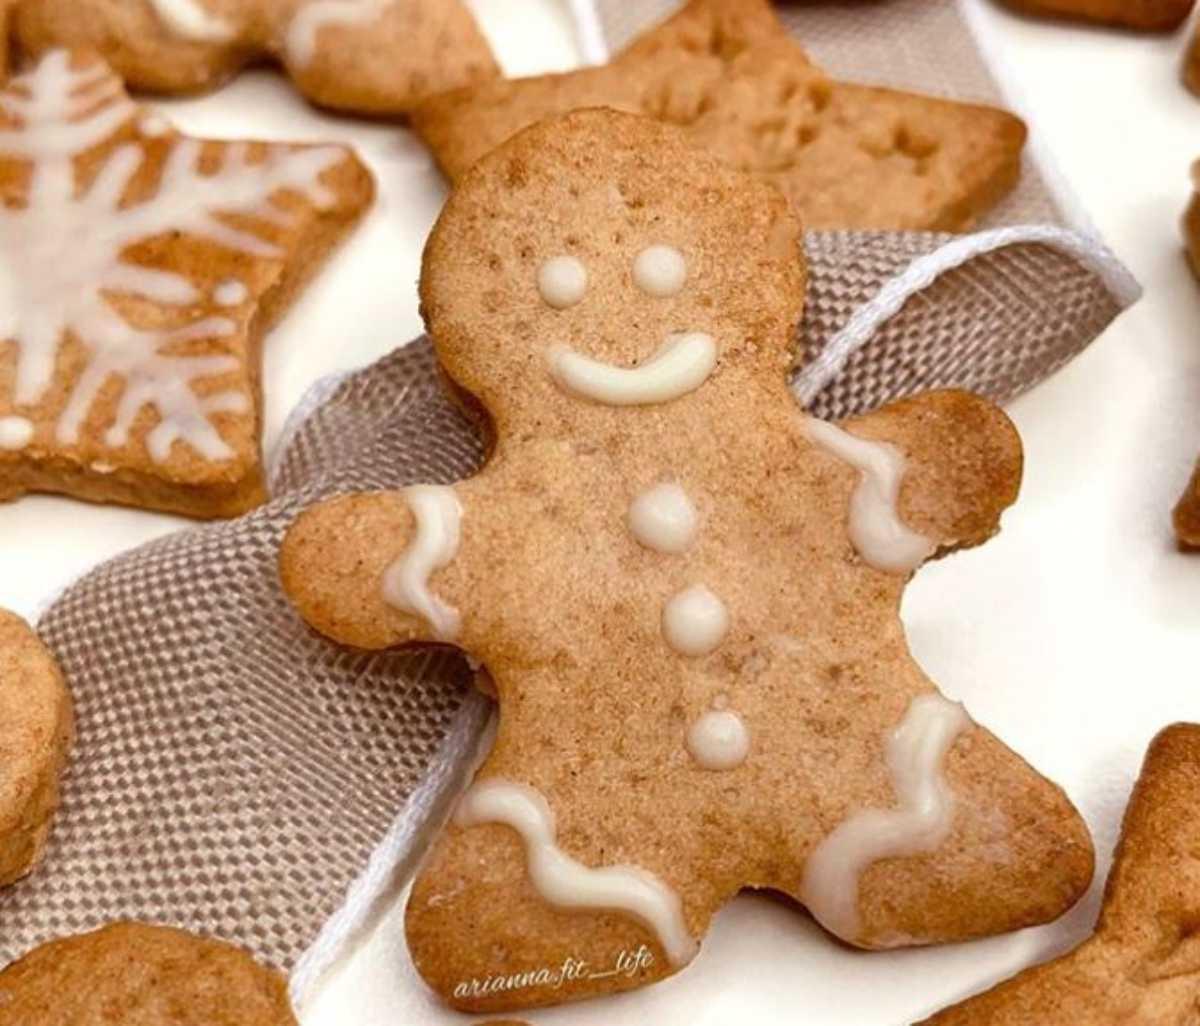 Gingerbread senza zucchero: biscotti natalizi facilissimi